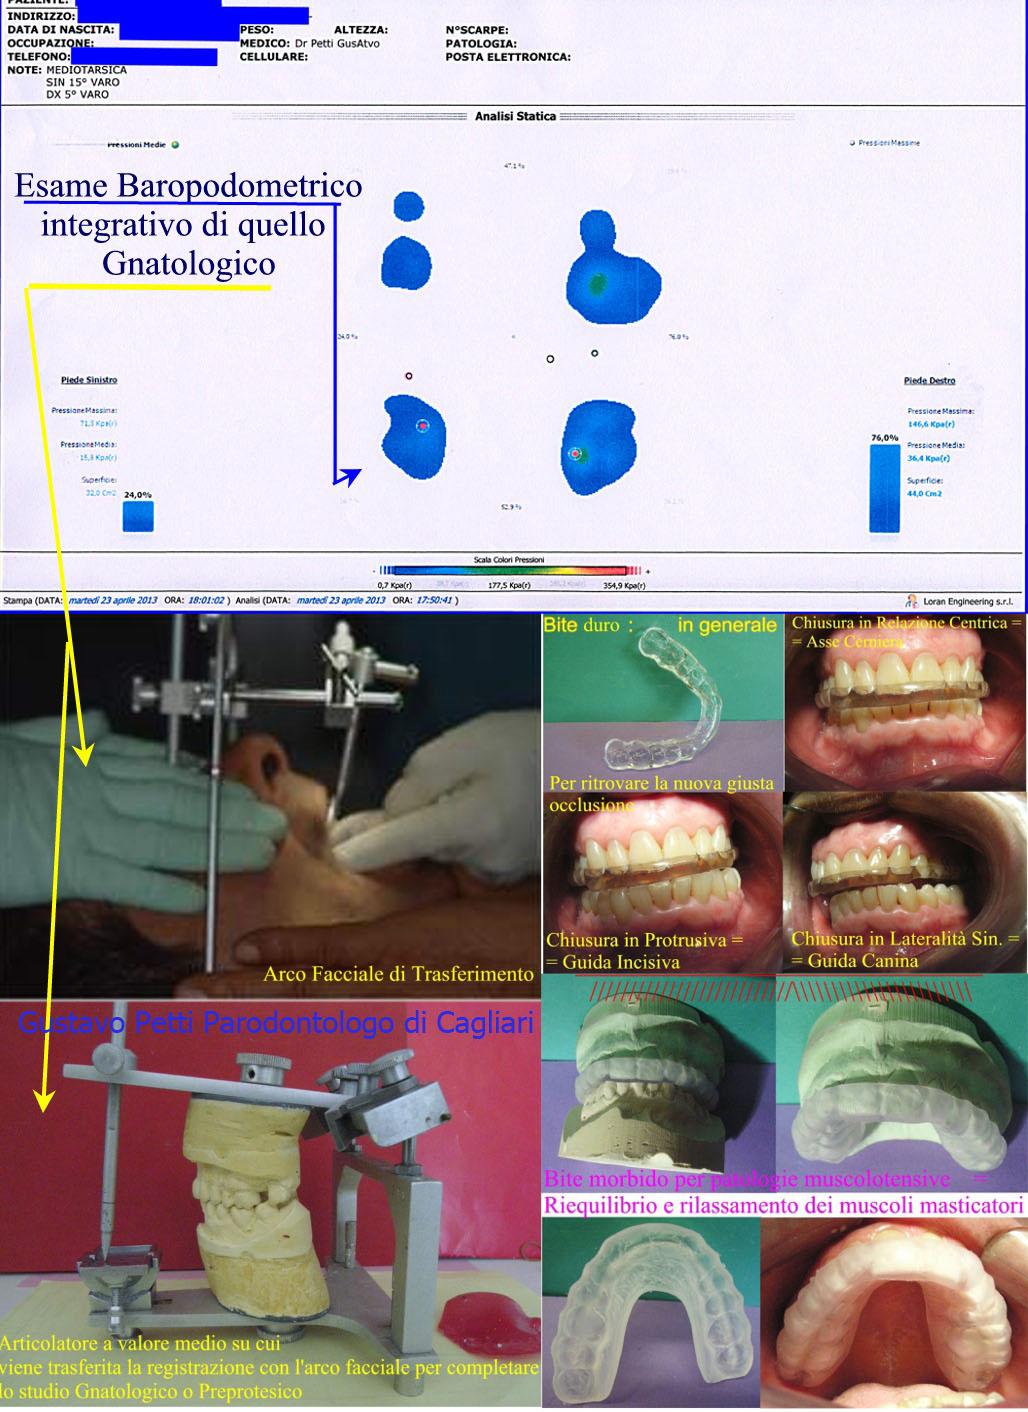 Dr.Gustavo Petti Parodontologo Gnatologo Riabilitatore Orale in Casi Clinici Complessi di Cagliari. Arco facciale di Trasferimento, Stabilometria computerizzata e Bite come parte di valutazioni Gnatologiche.